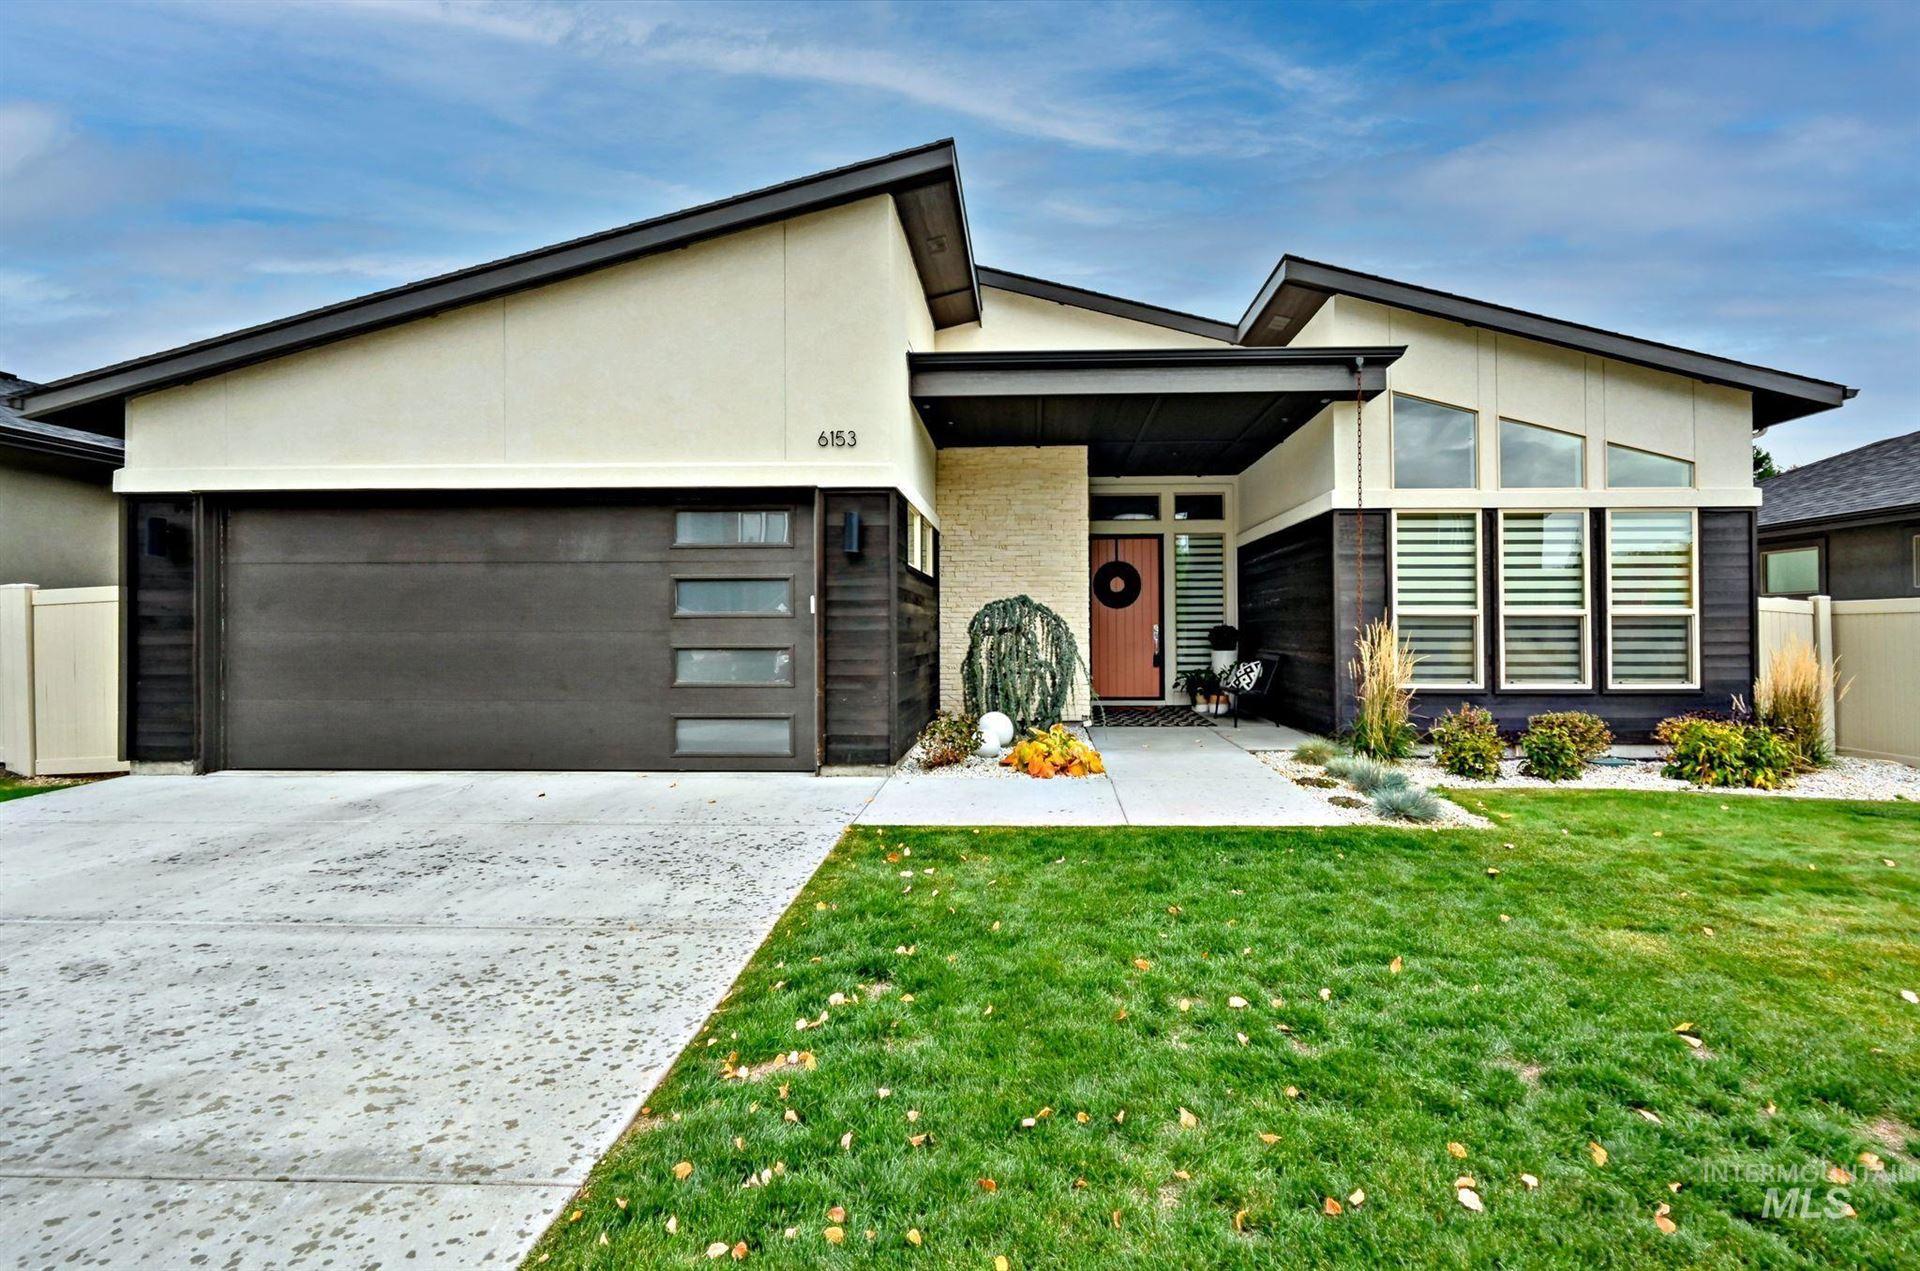 6153 W Baron Street, Boise, ID 83703 - MLS#: 98818129